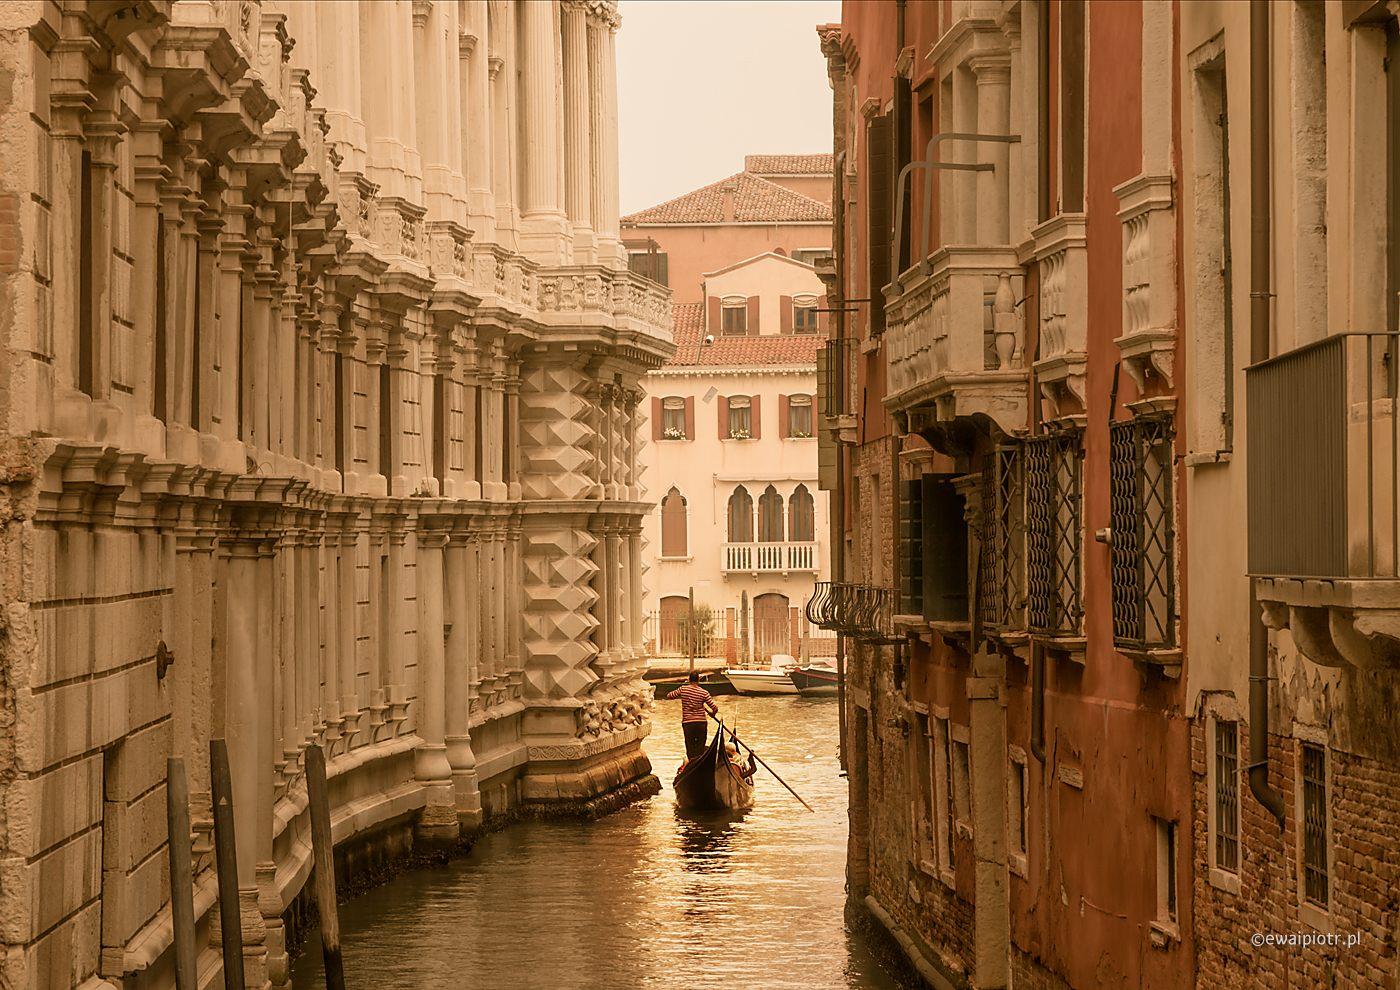 Gondolier. Pocztówka z Wenecji